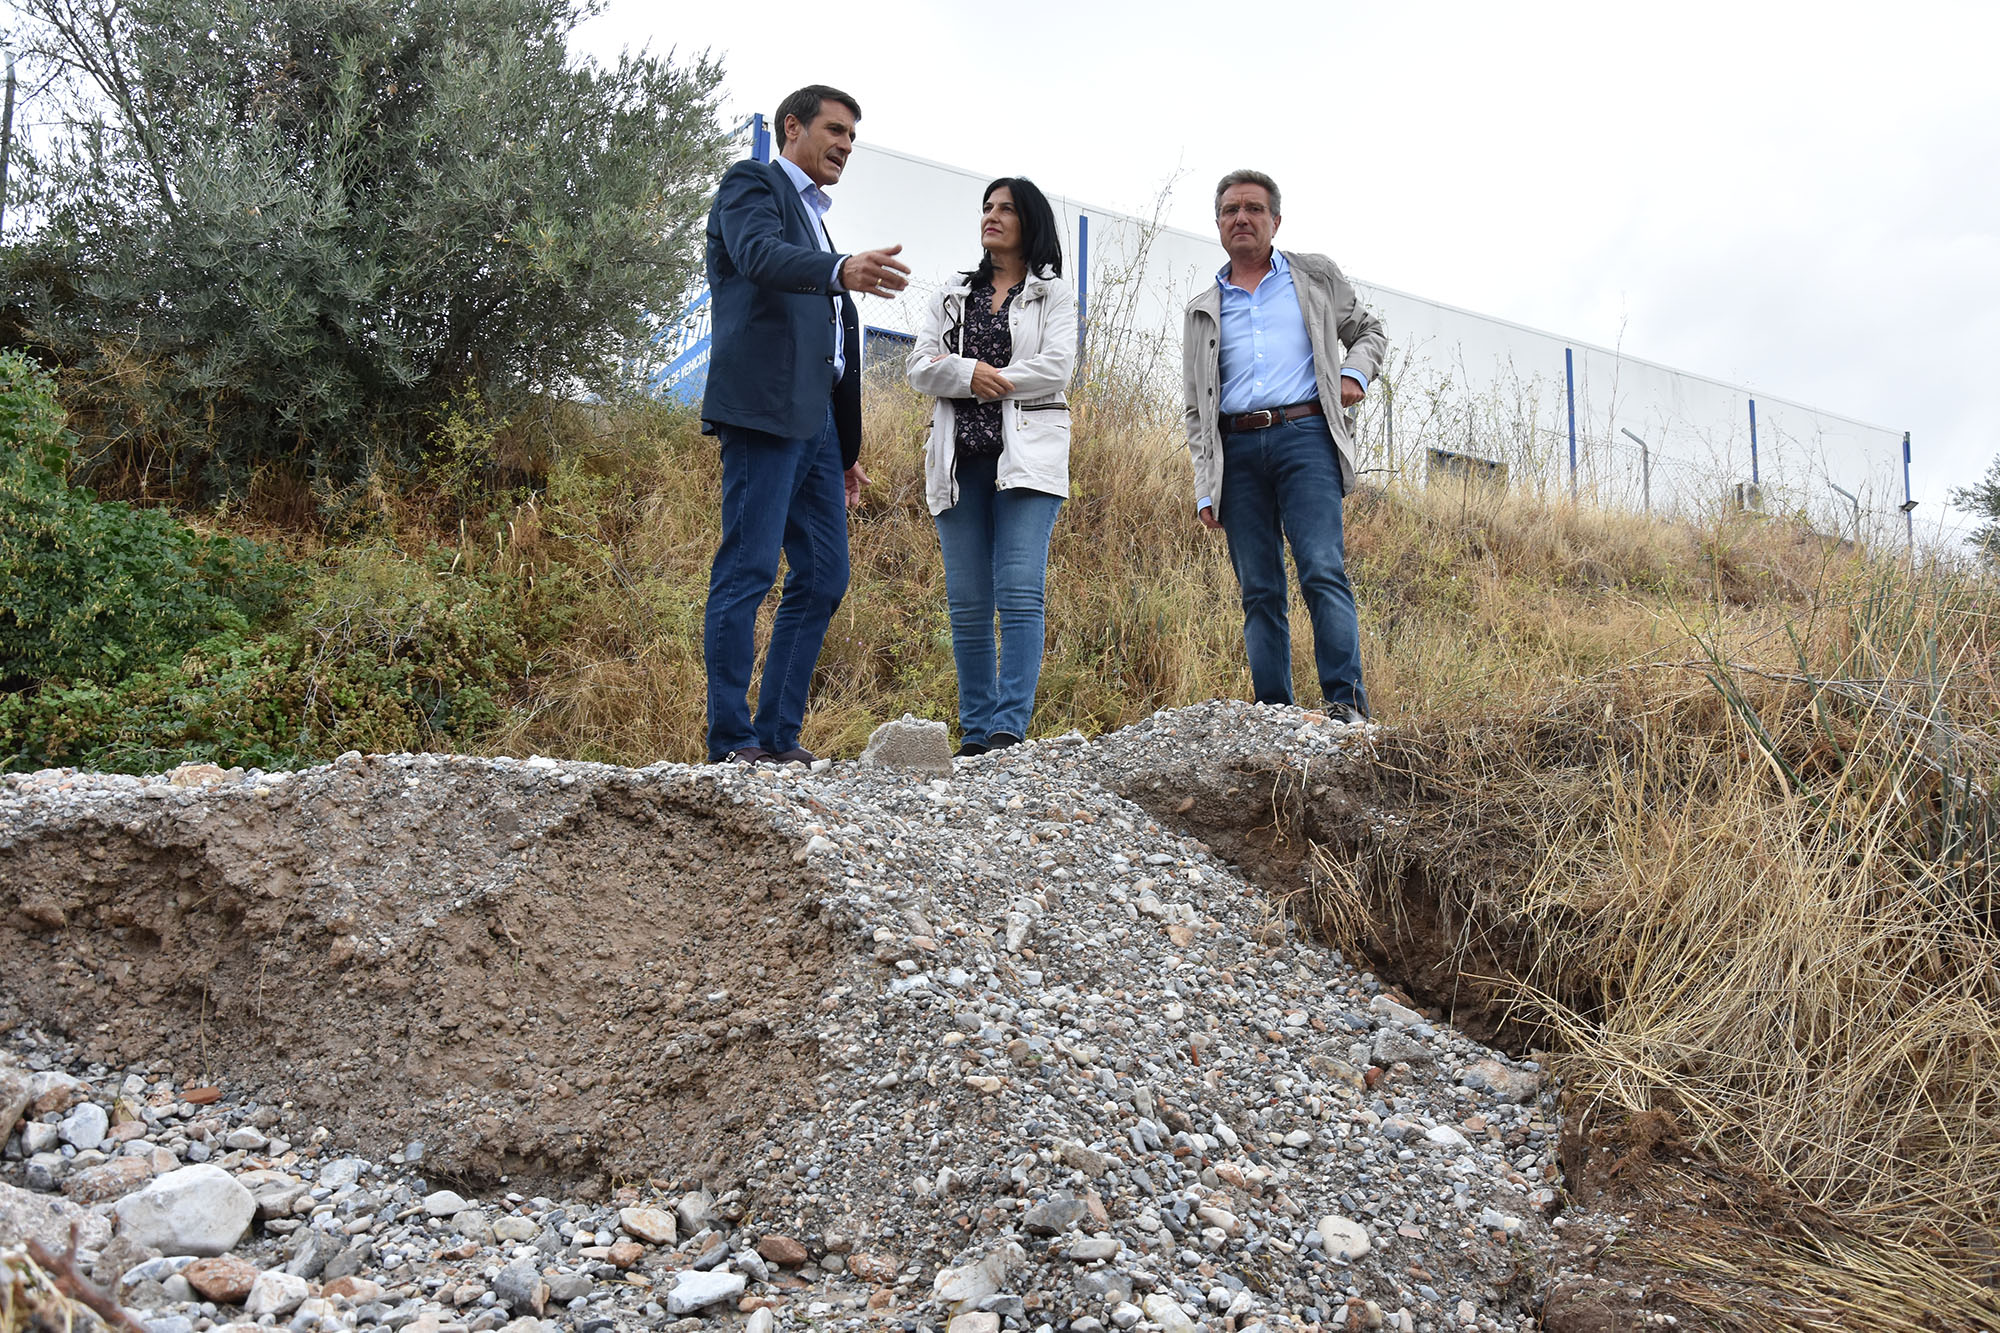 La subdelegada del Gobierno y el alcalde visitan las zonas afectadas por la riada